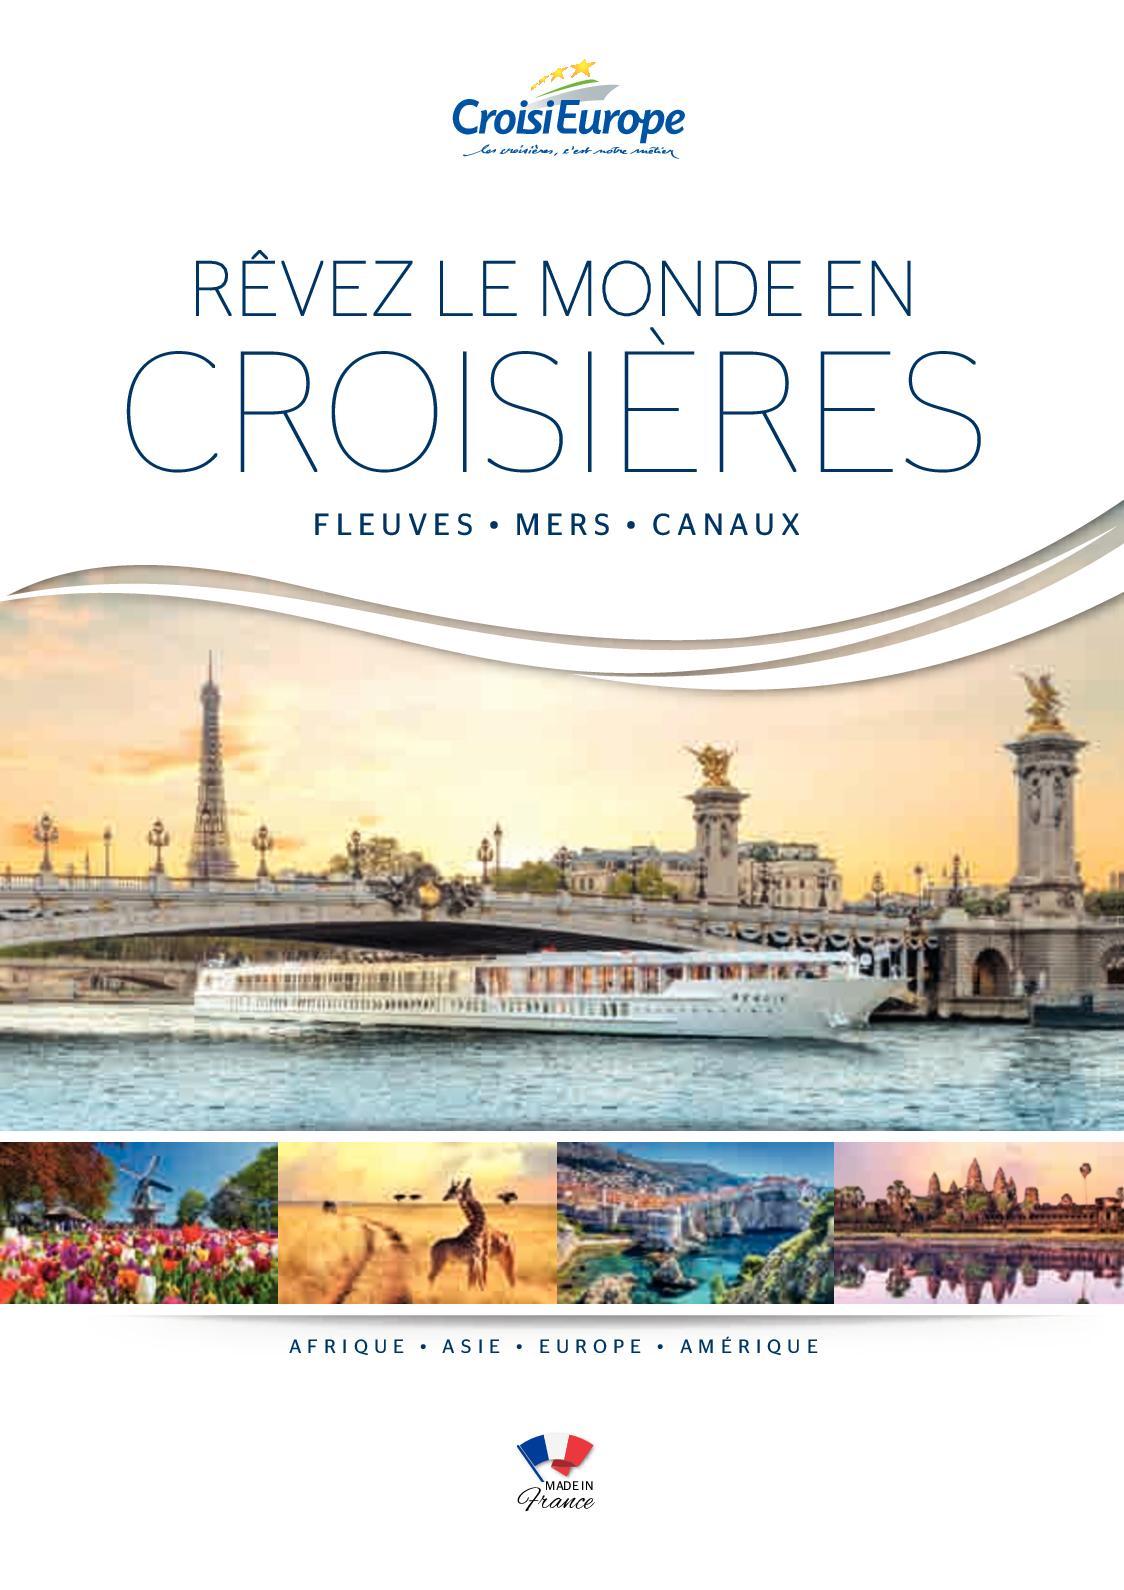 Calaméo Croisieurope Brochure 20192020 Calaméo Individuelle kZuTOXiP